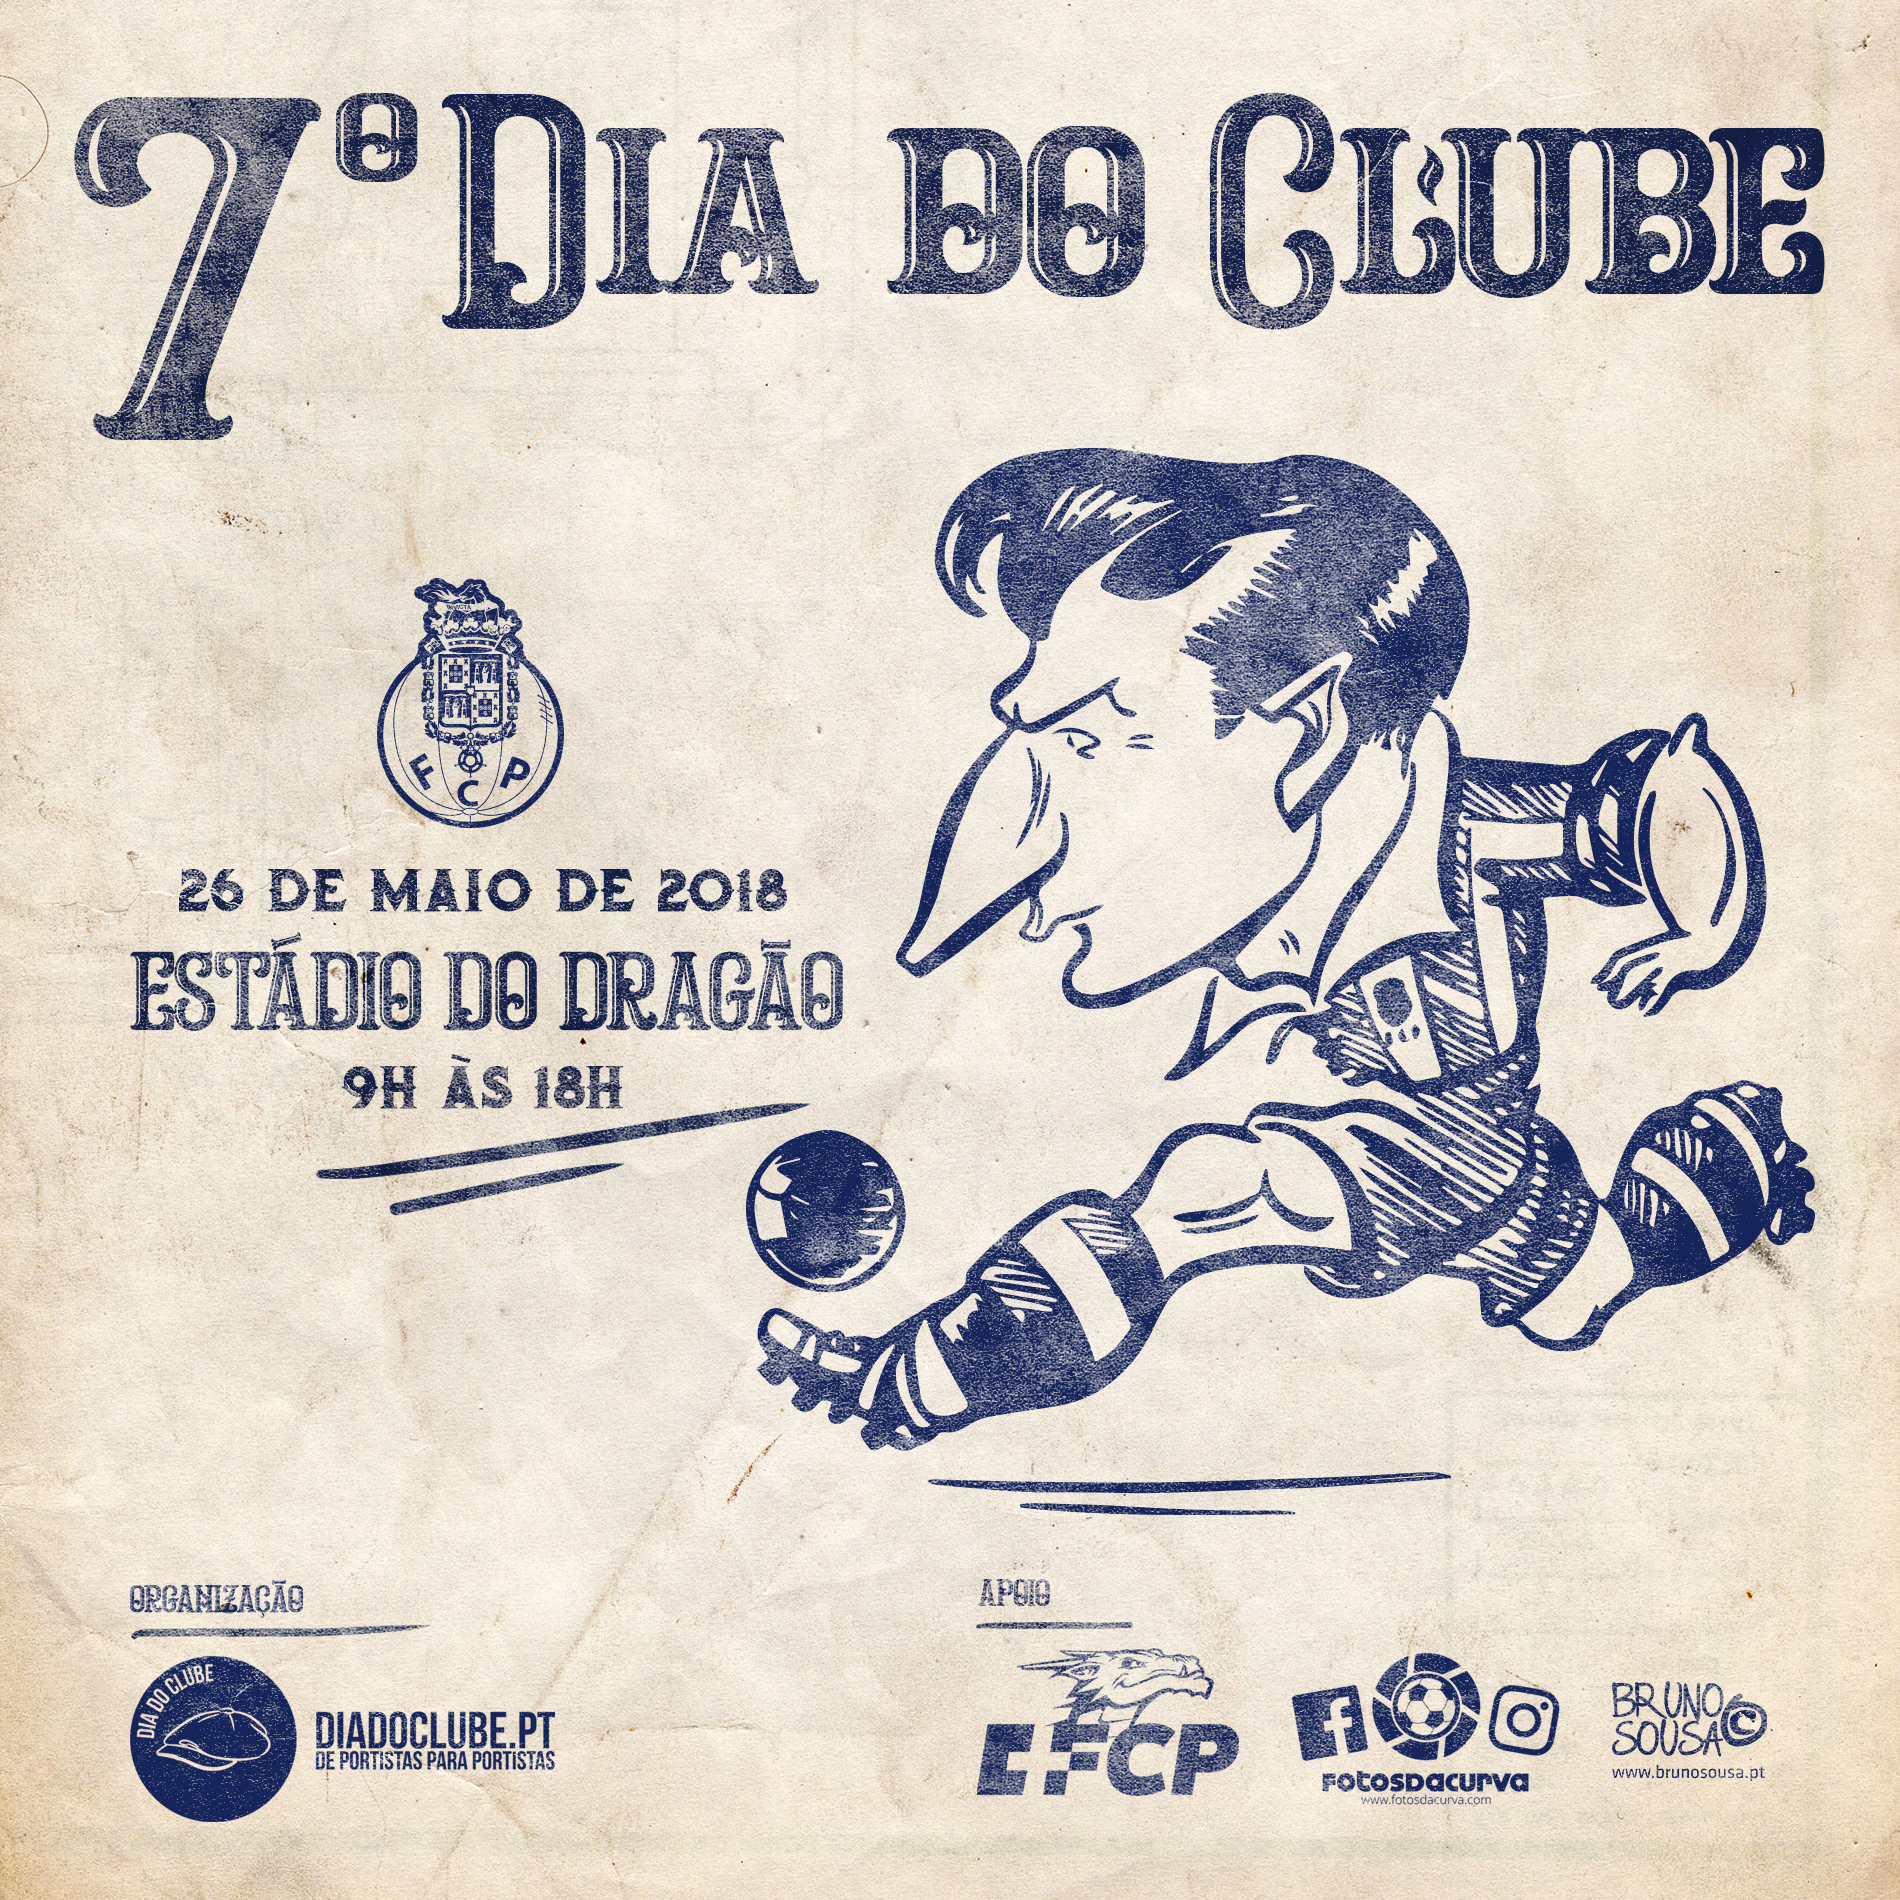 7º Dia do Clube – Opinião de Armando Pinto